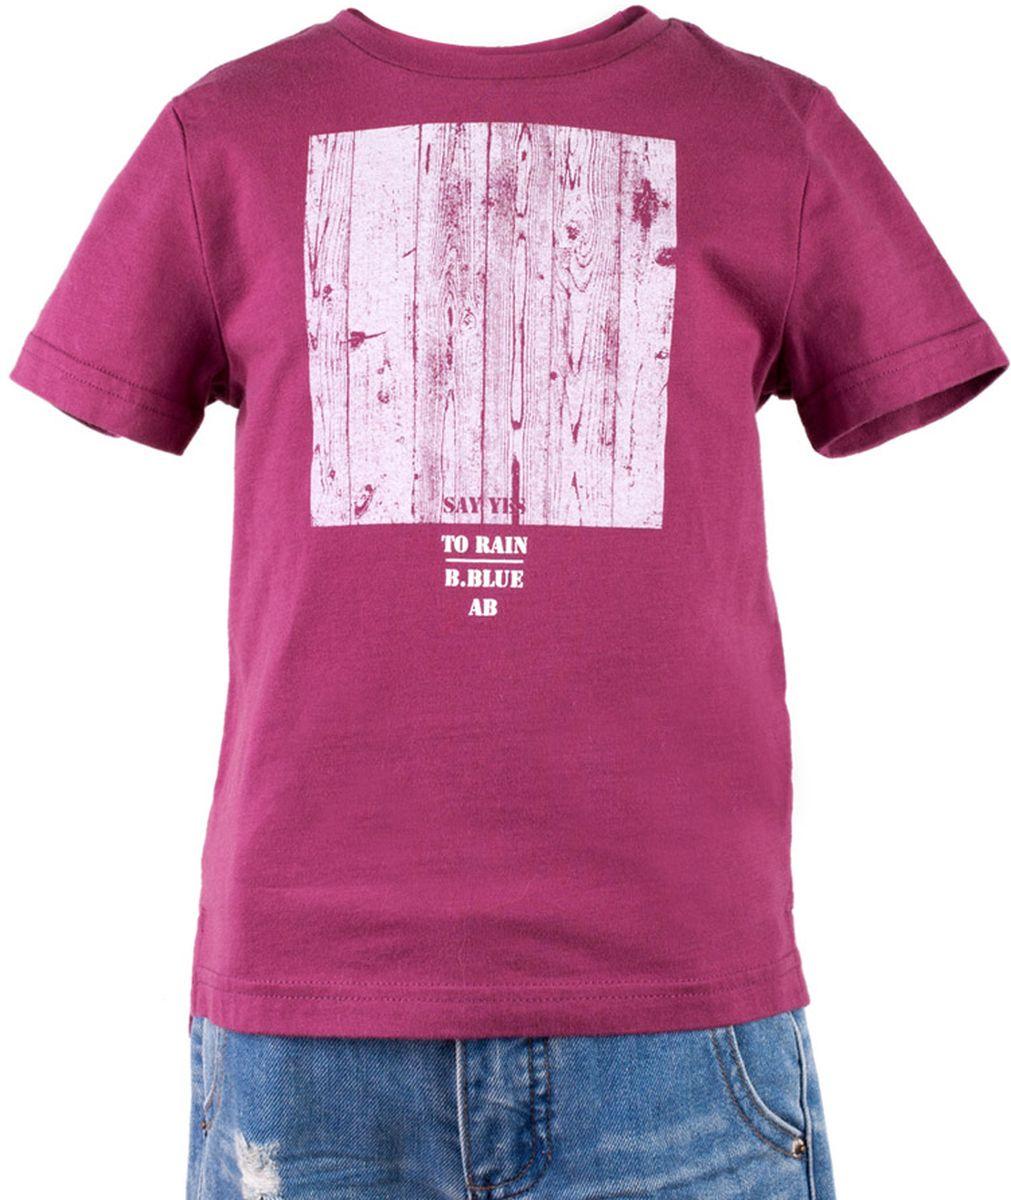 Футболка117BBBC12020300Брусничная футболка с крупным принтом - не только базовая вещь в гардеробе ребенка, но и основа модного летнего образа! Если вы решили купить недорогую футболку для мальчика, выберете футболку от Button Blue! Низкая цена изделия не окажет влияния на бюджет семьи, позволив создать интересный гардероб для долгожданных каникул! Высокое качество подарит удобство, комфорт и принесет удовольствие от покупки.